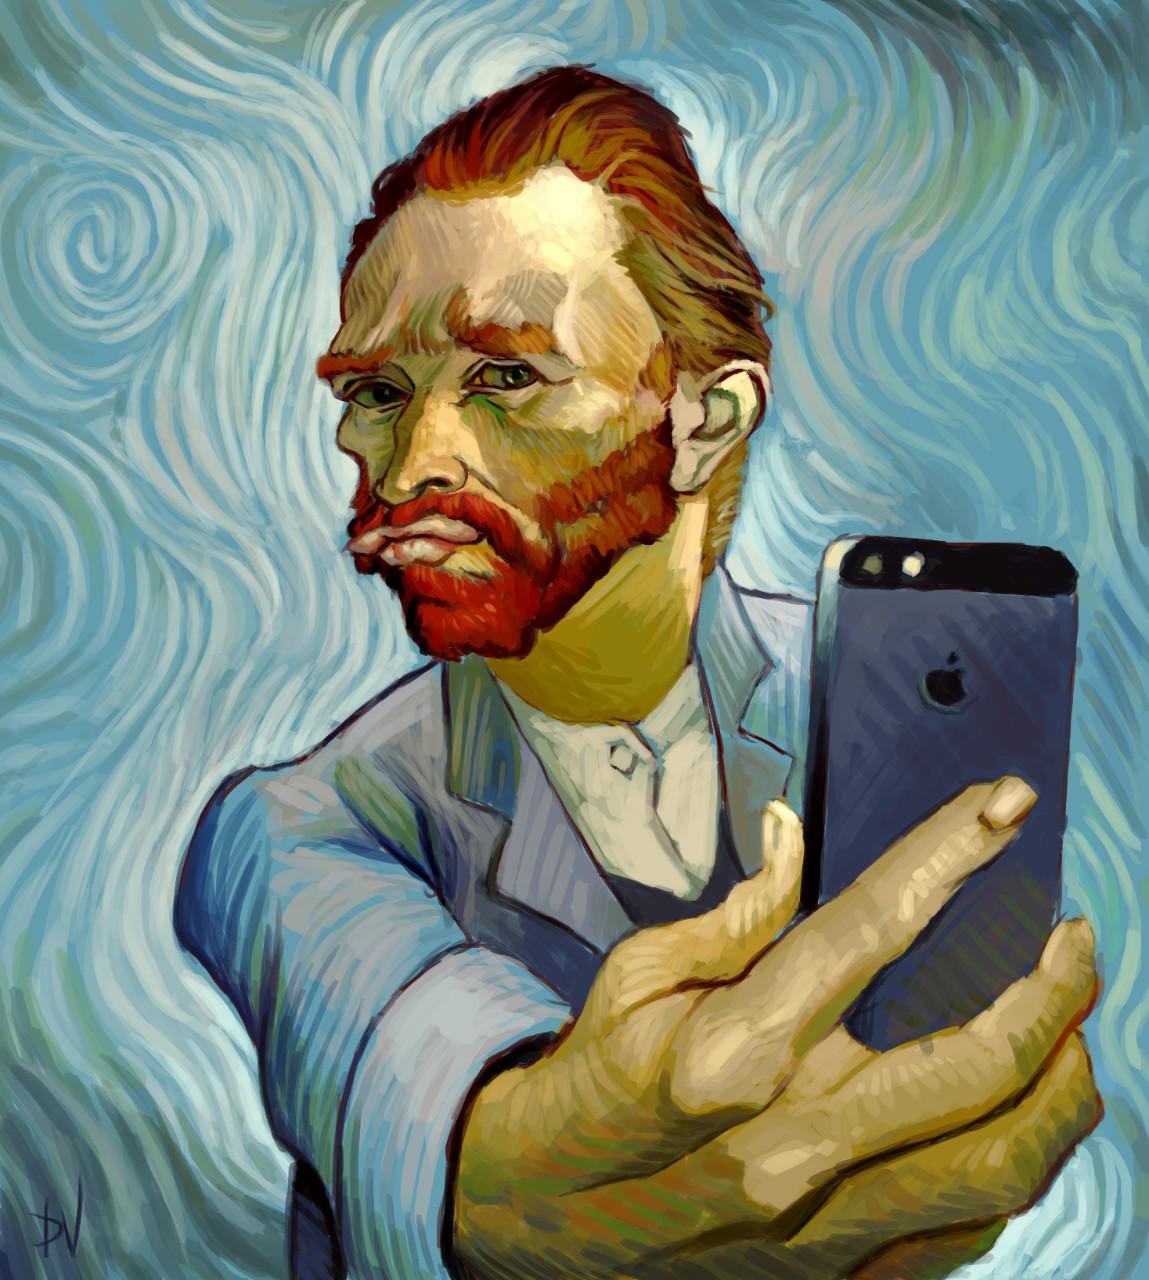 Коллаж студента Академии Университета искусств Дилана Вермеля, опубликованный в качестве иллюстрации к статье Selfie vs Self-Portreit, опубликованной в газете Academy Art U News. Источник http://academyartunews.com/